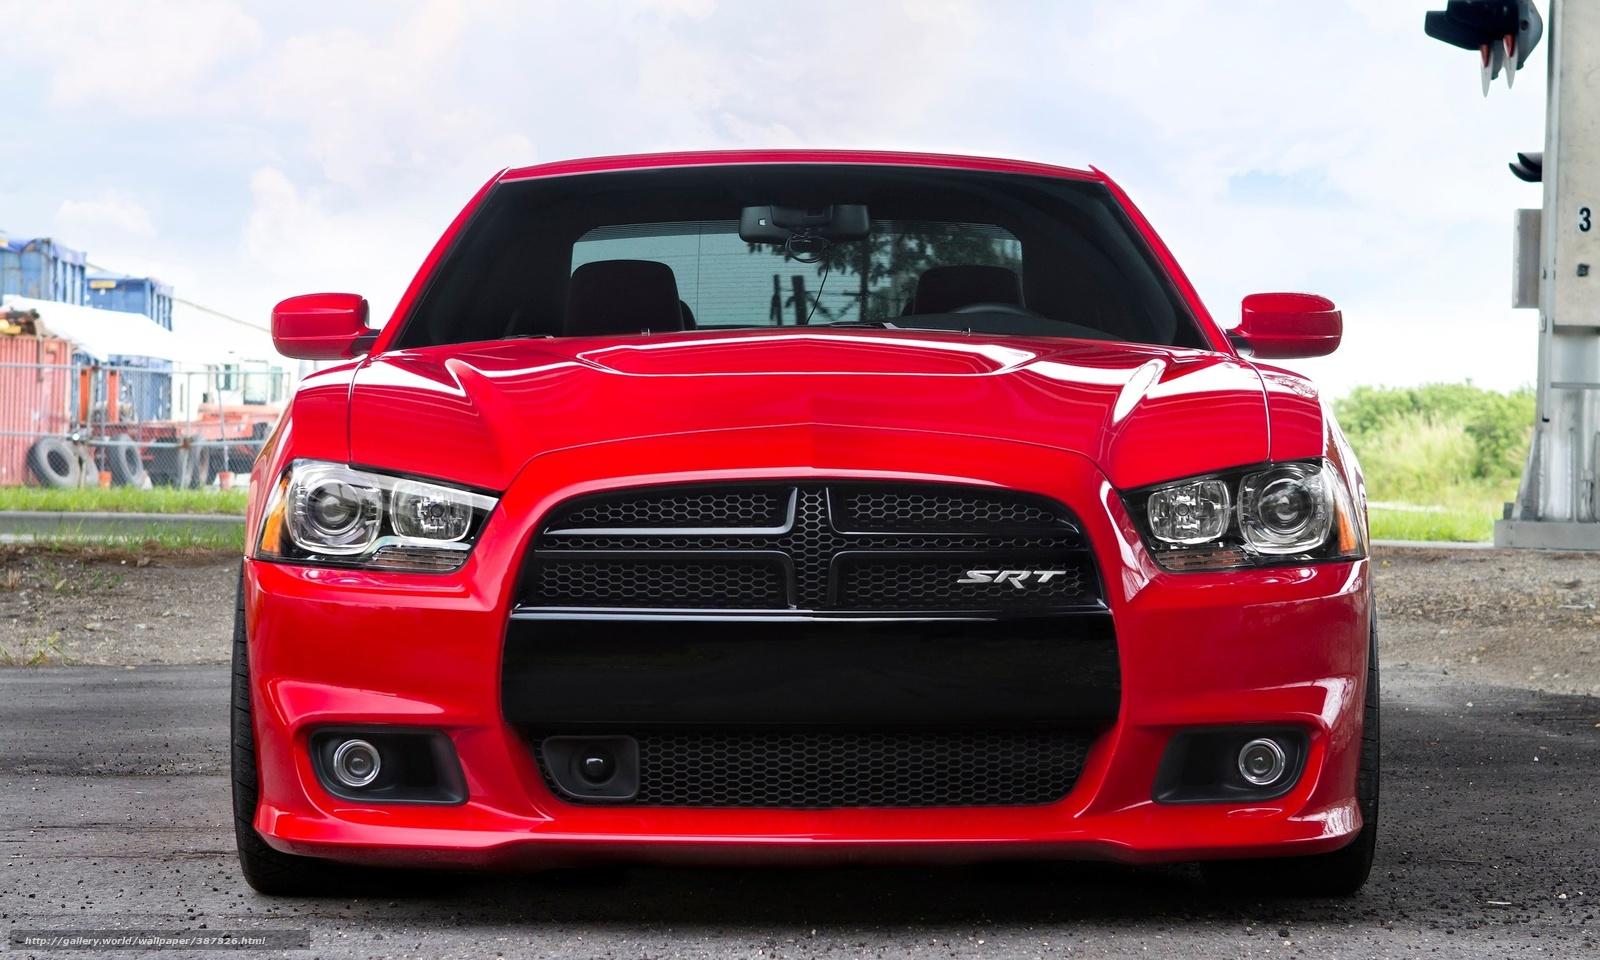 tlcharger fond d 39 ecran esquive voiture rouge voitures. Black Bedroom Furniture Sets. Home Design Ideas